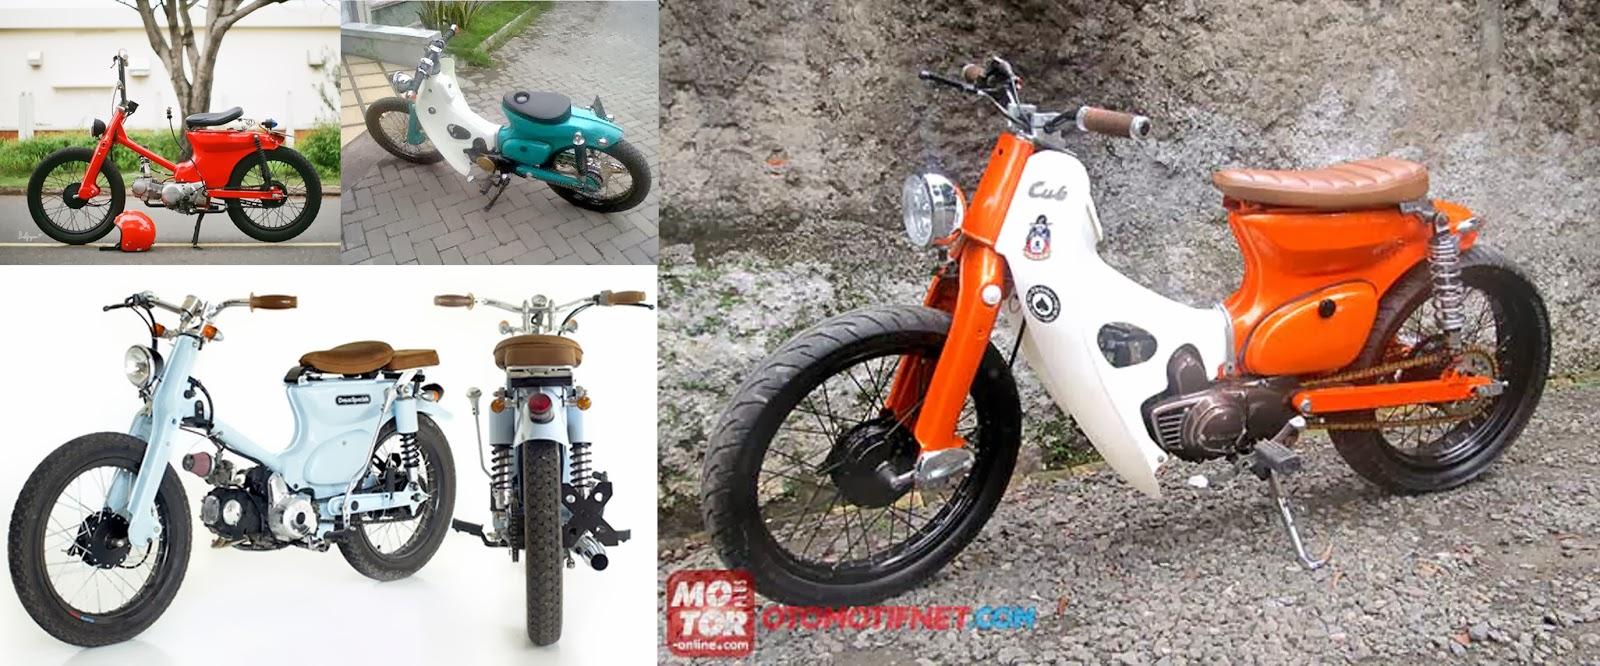 Modifikasi Motor Astrea Grand Street Cub Motorwallpapers Org